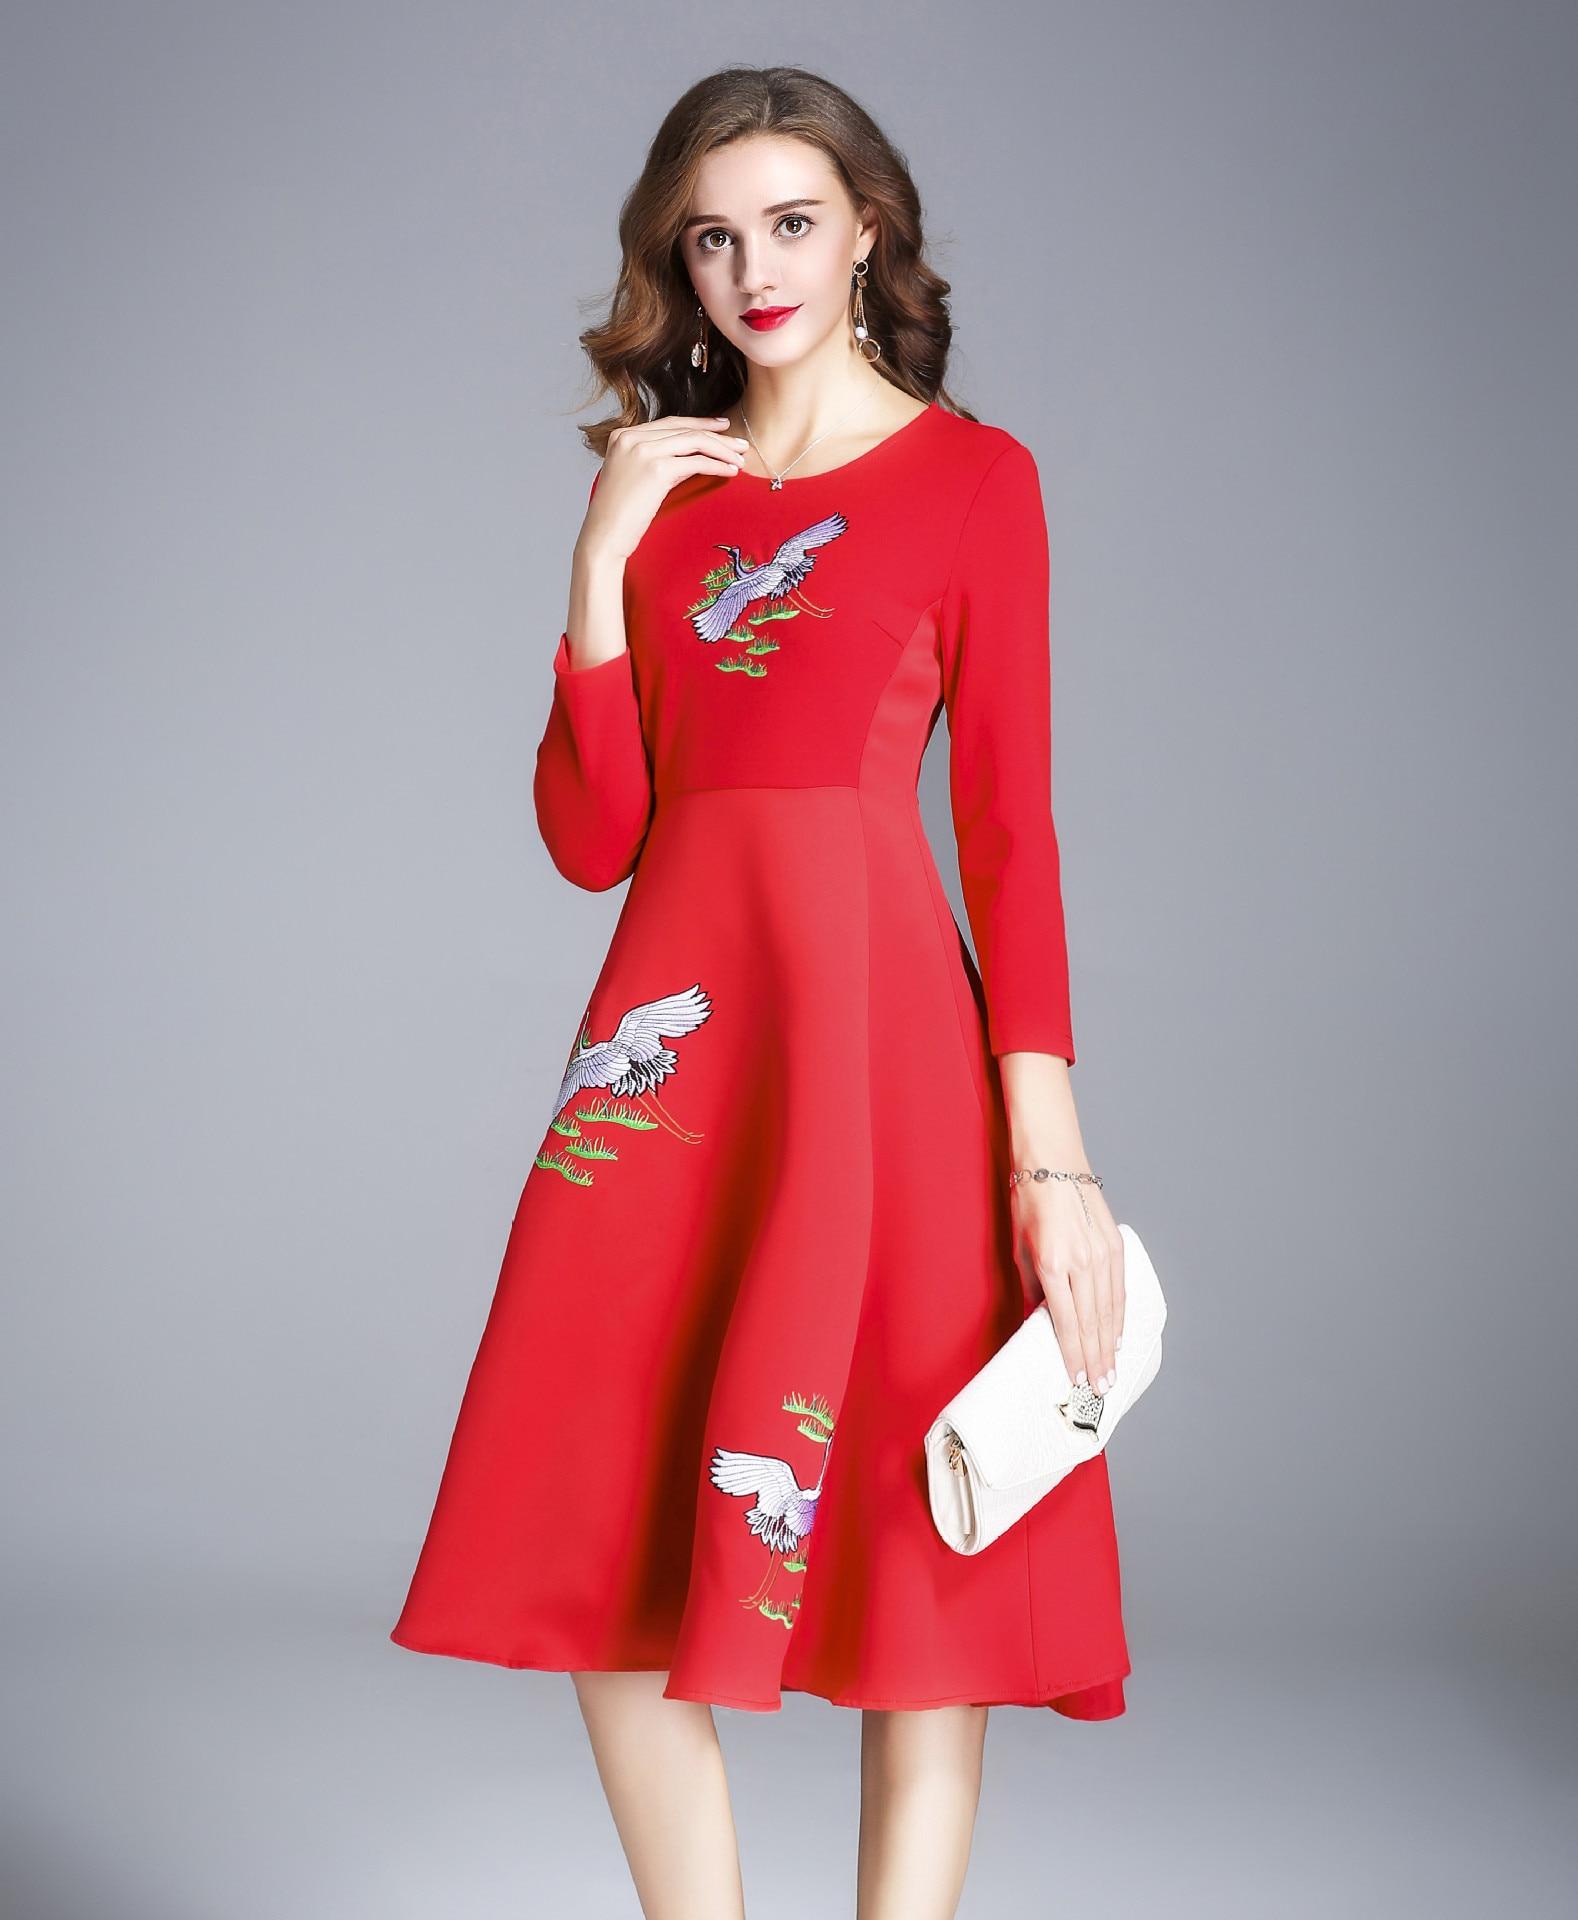 c2b632fe1b0d Rosso Vestito Di Signora Vestido Donna Della 2019 Borgogna Dell ufficio  Breve Vestiti Elegante Donne Inverno Abito ...